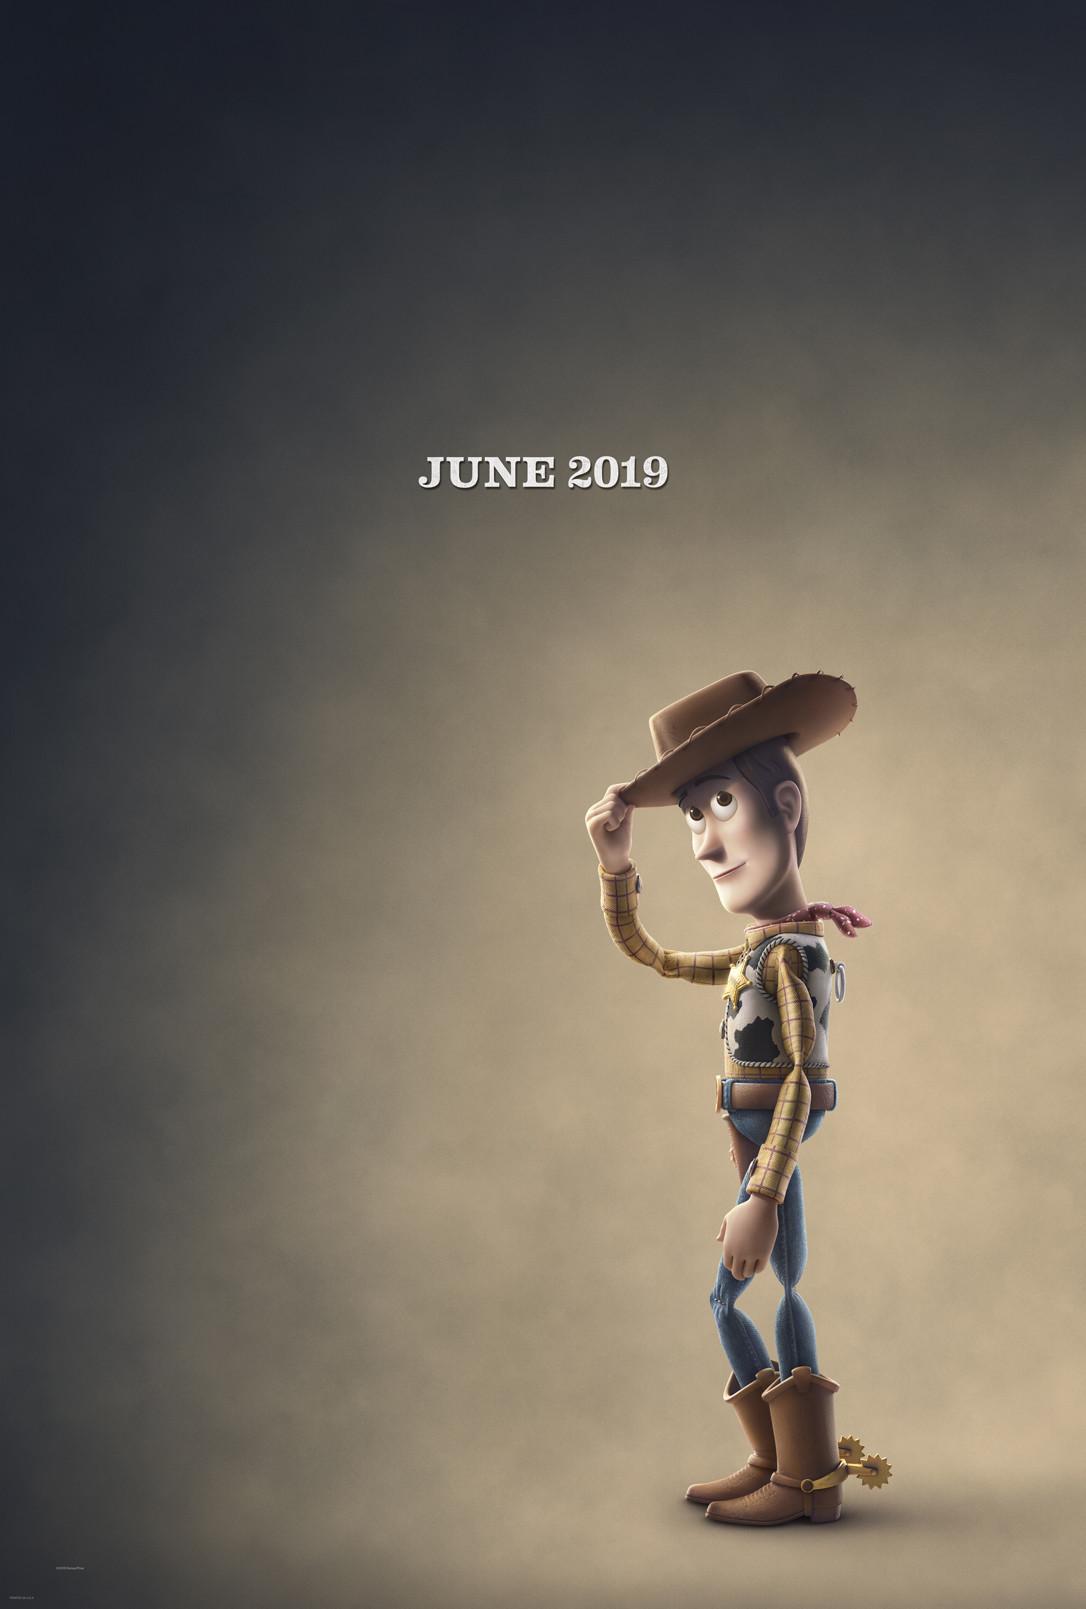 Pixar comparte primer adelanto y póster oficial de Toy Story 4 ... e0ef692df66